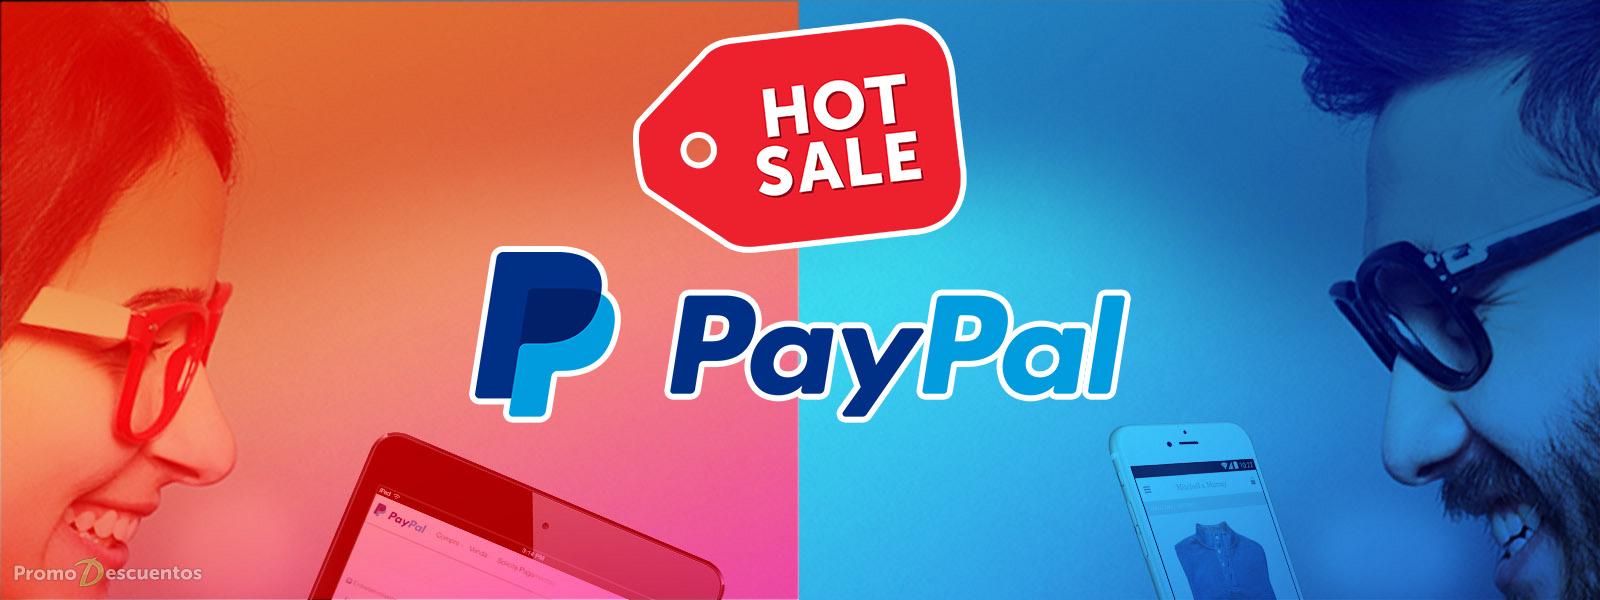 Promociones del Hot Sale 2016 pagando con Paypal